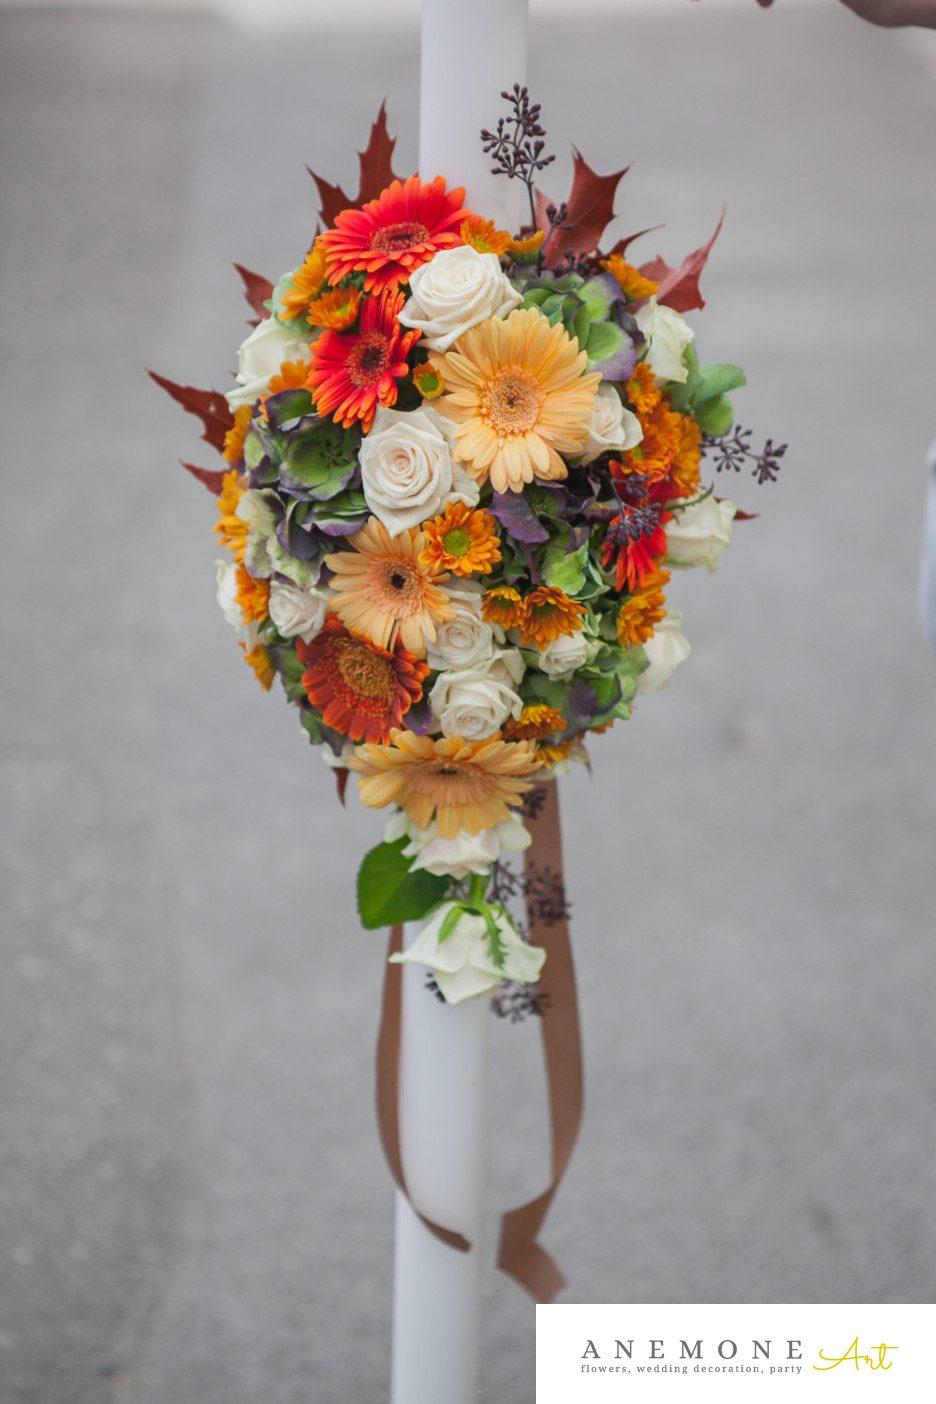 Poza, foto cu Flori de nunta crem, crizanteme, hortensia, lumanare, mini-gerbera, mini-rosa, piersica, portocaliu, toamna, trandafiri in Arad, Timisoara, Oradea (wedding flowers, bouquets) nunta Arad, Timisoara, Oradea